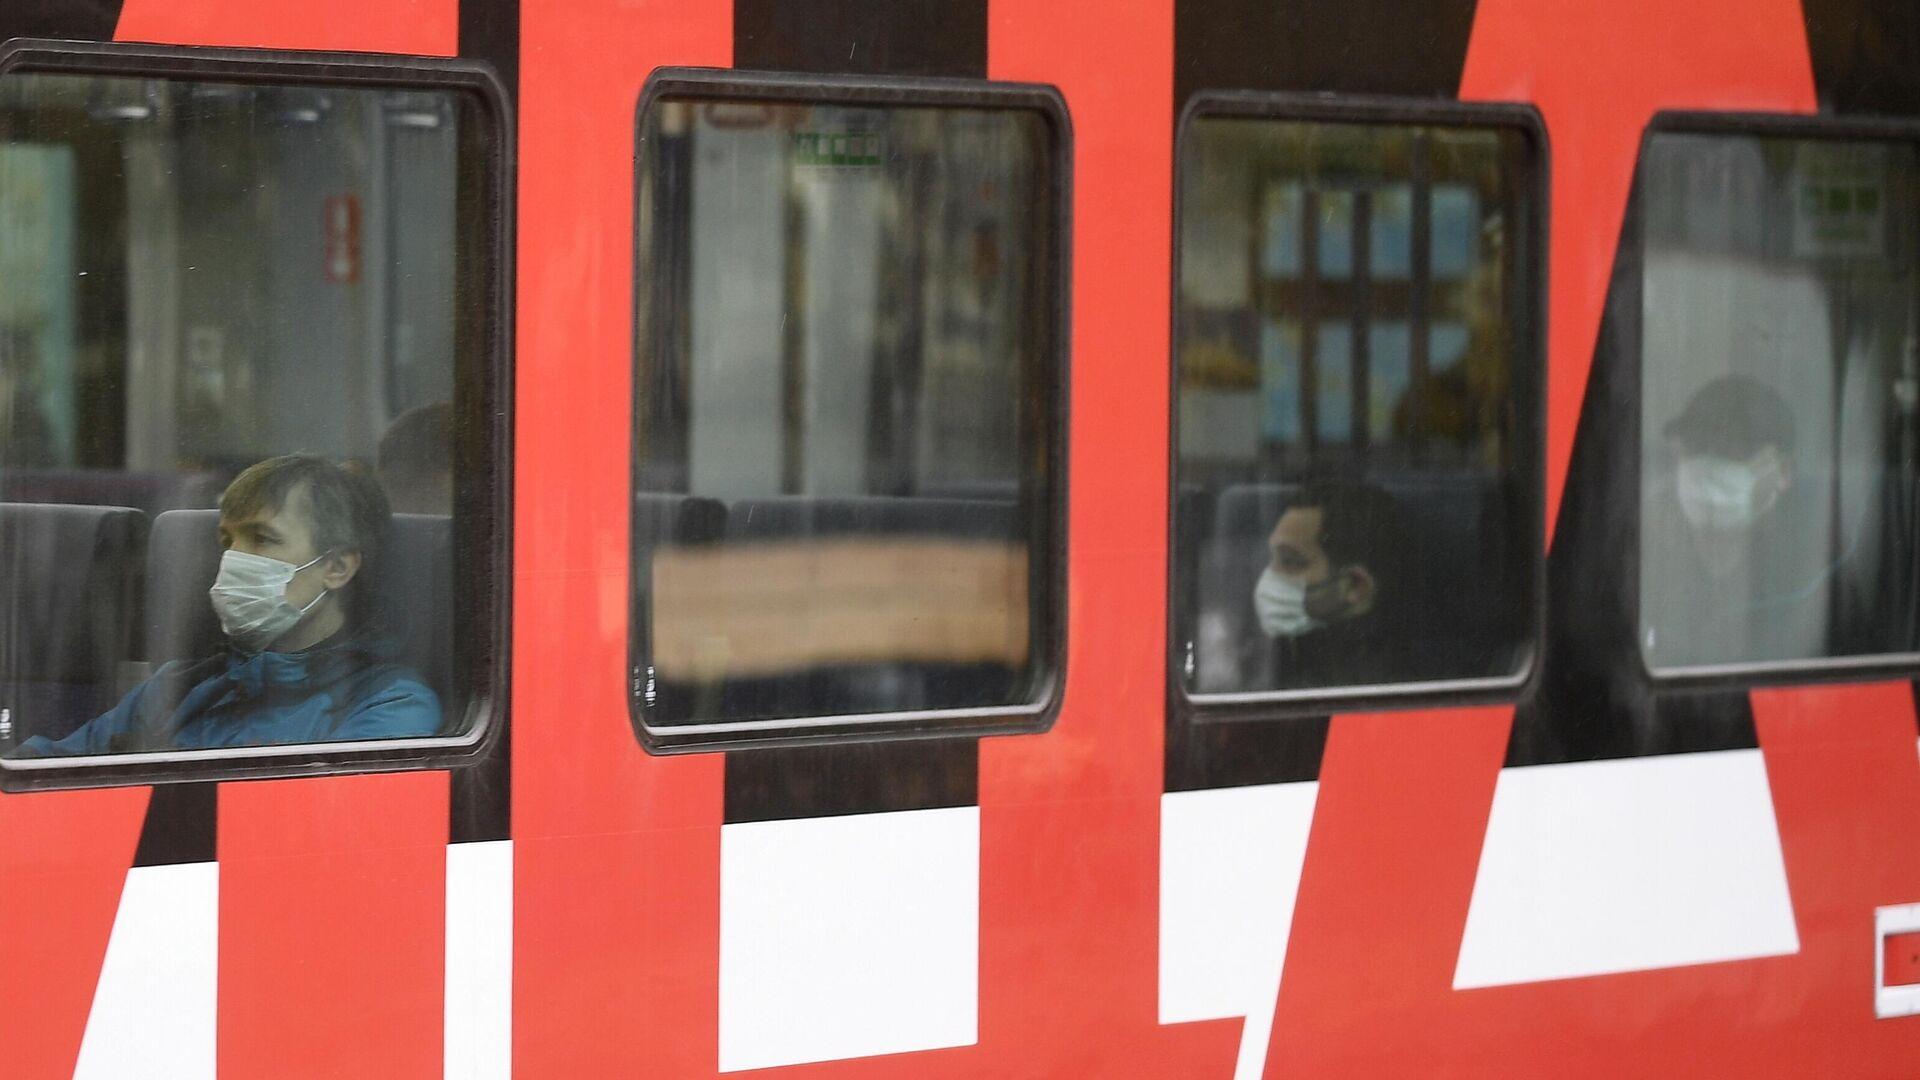 Пассажиры в медицинских масках в вагоне электрички  - РИА Новости, 1920, 27.10.2020